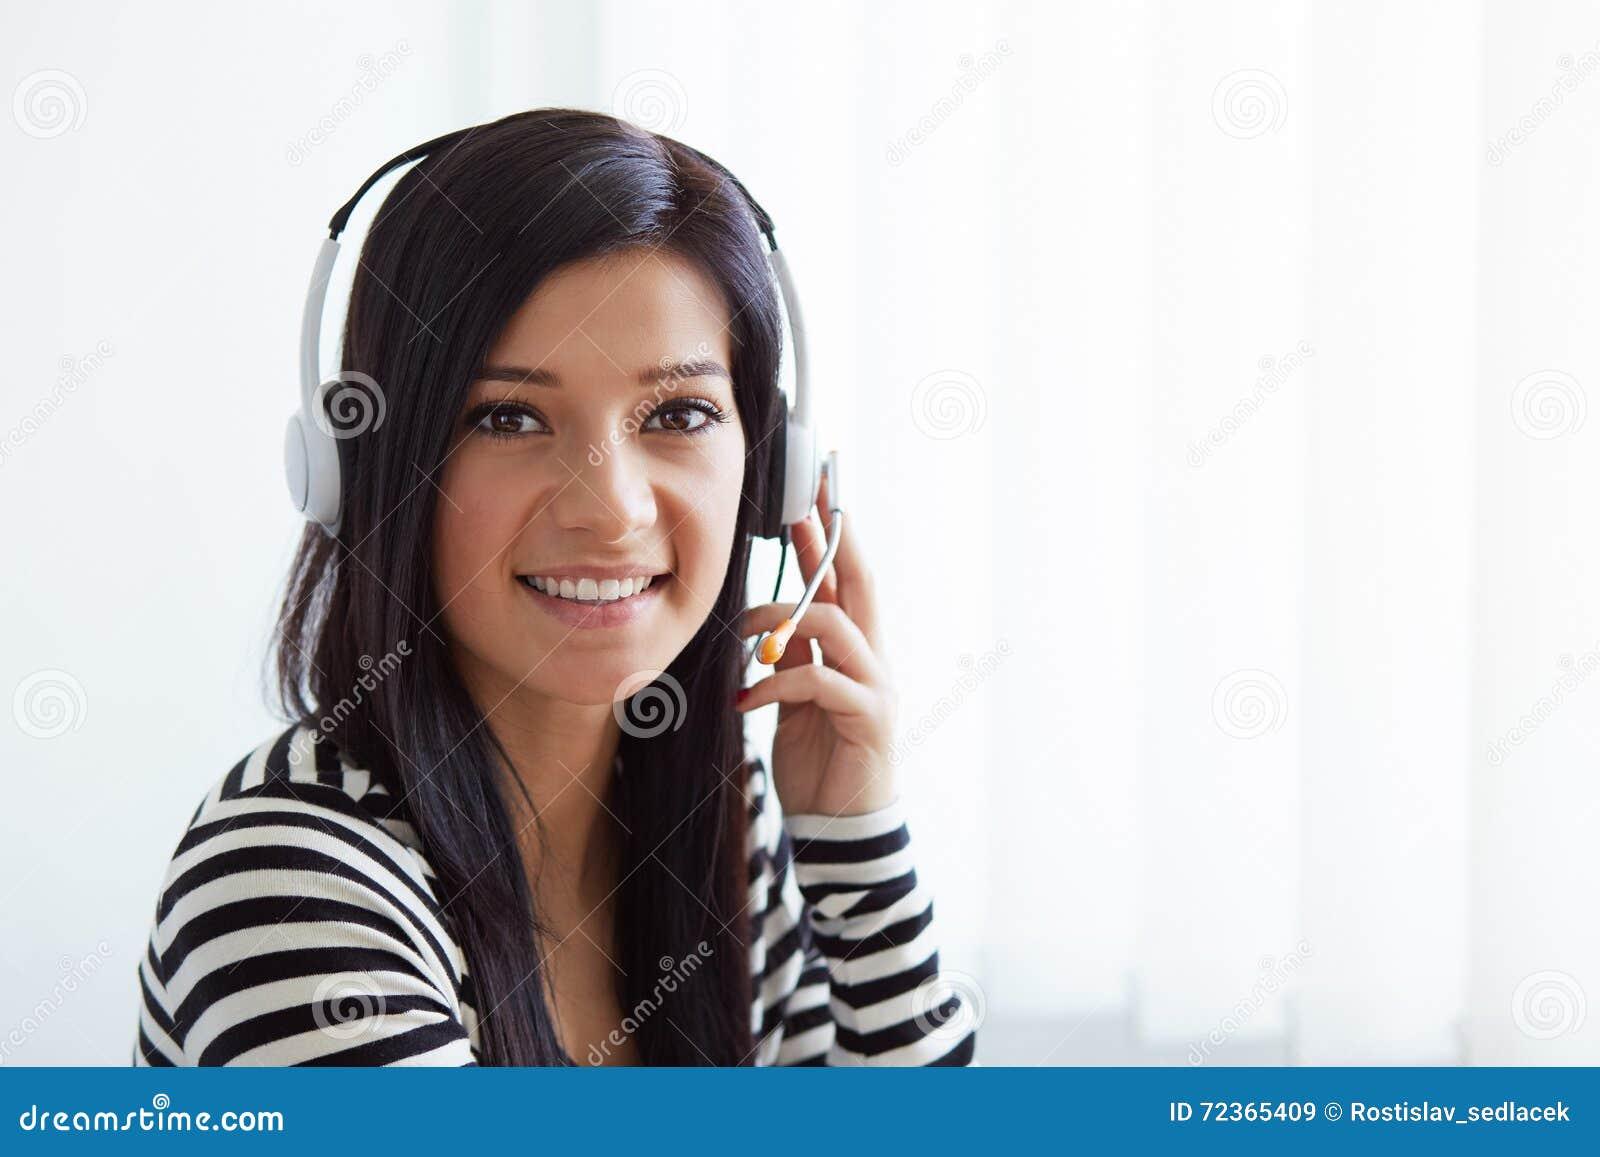 女性用户支持电话操作员